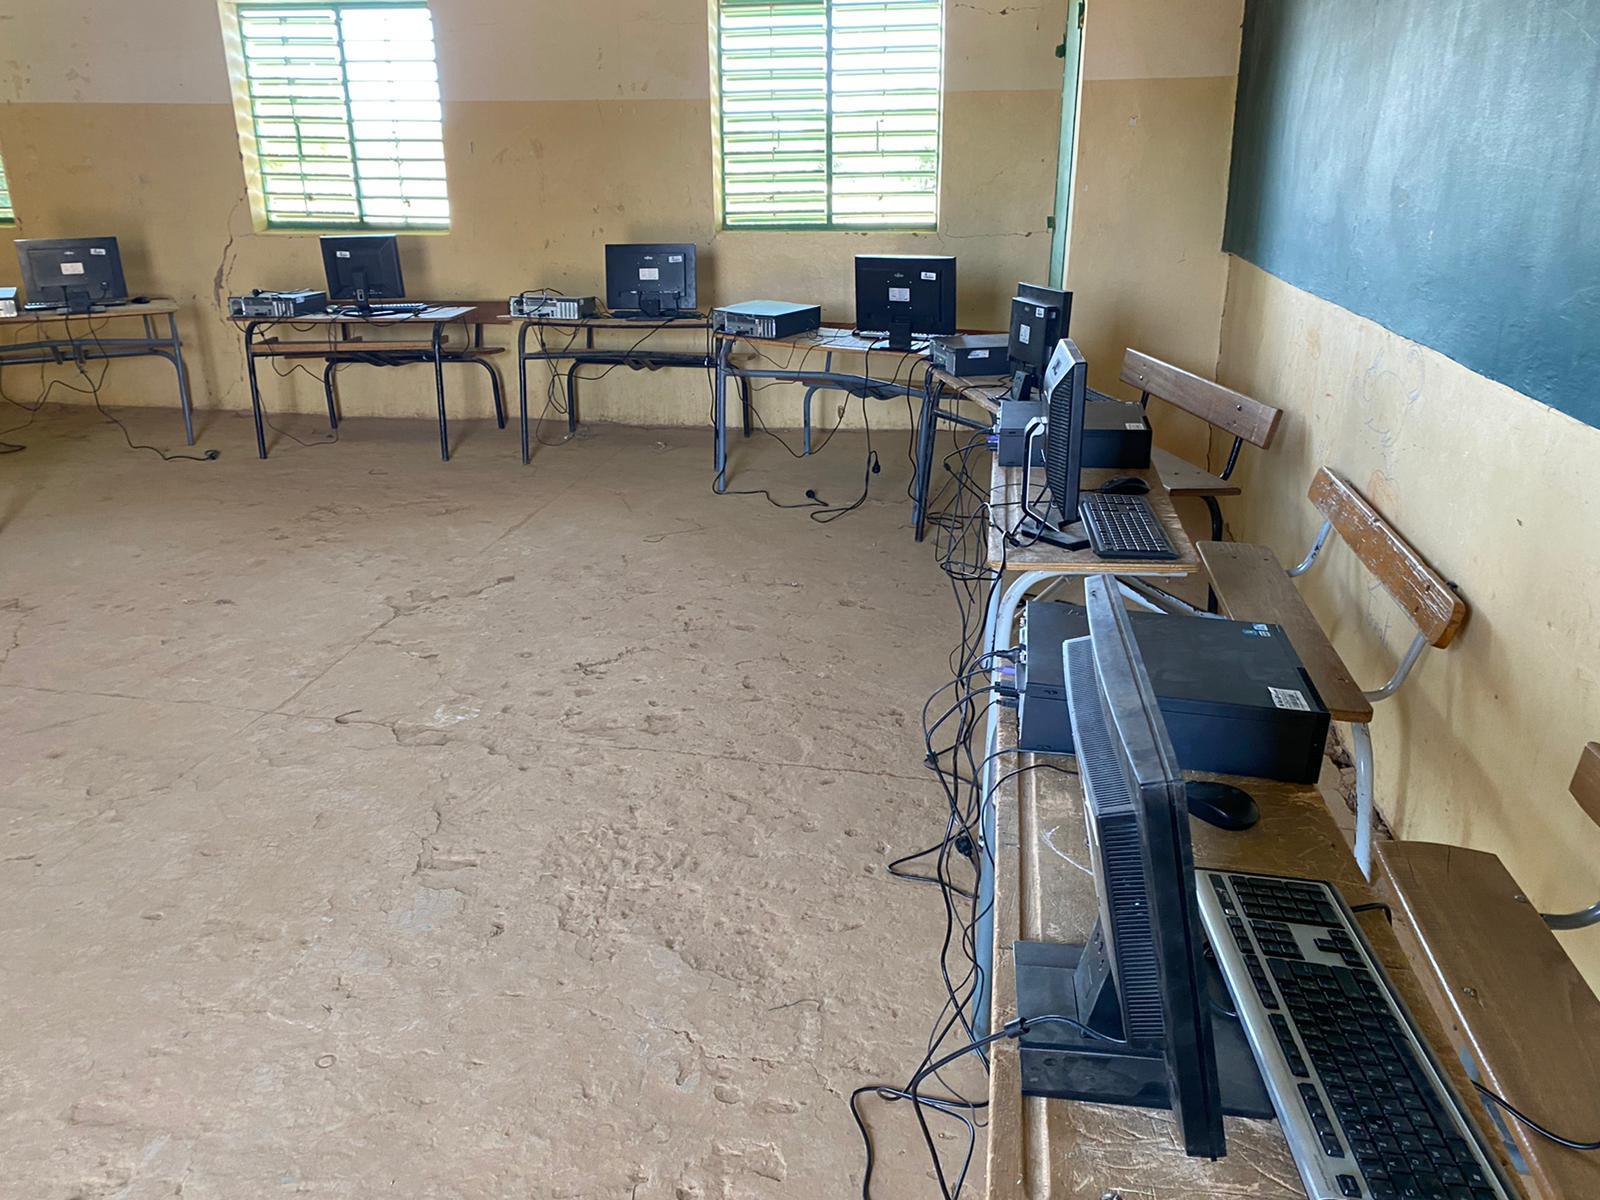 Fracture informatique : Le Collège Courbet de Trappes en France met Mboyo (Podor) à l'école du clic